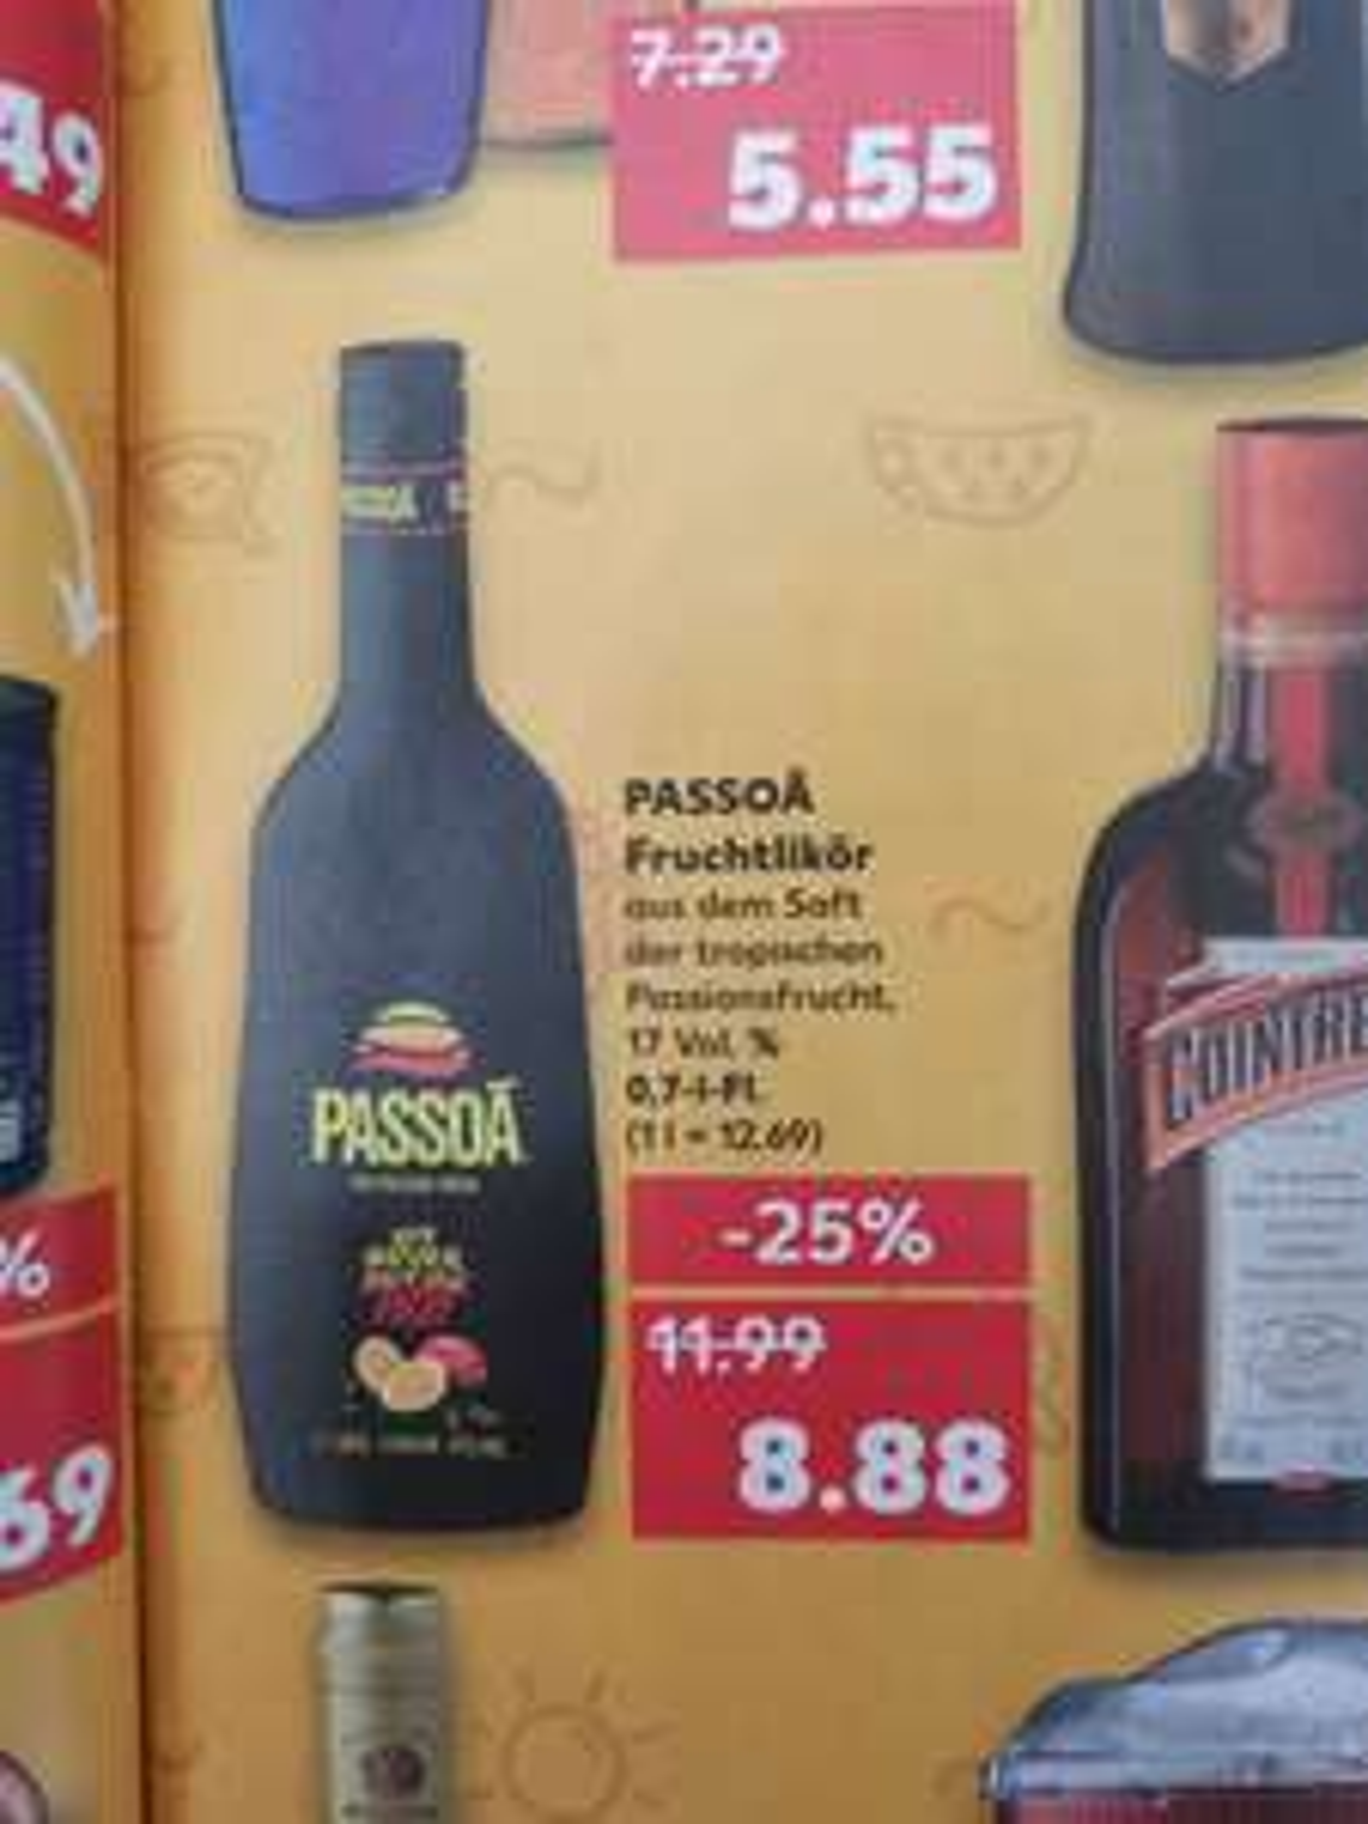 PASSOA Fruchtlikör